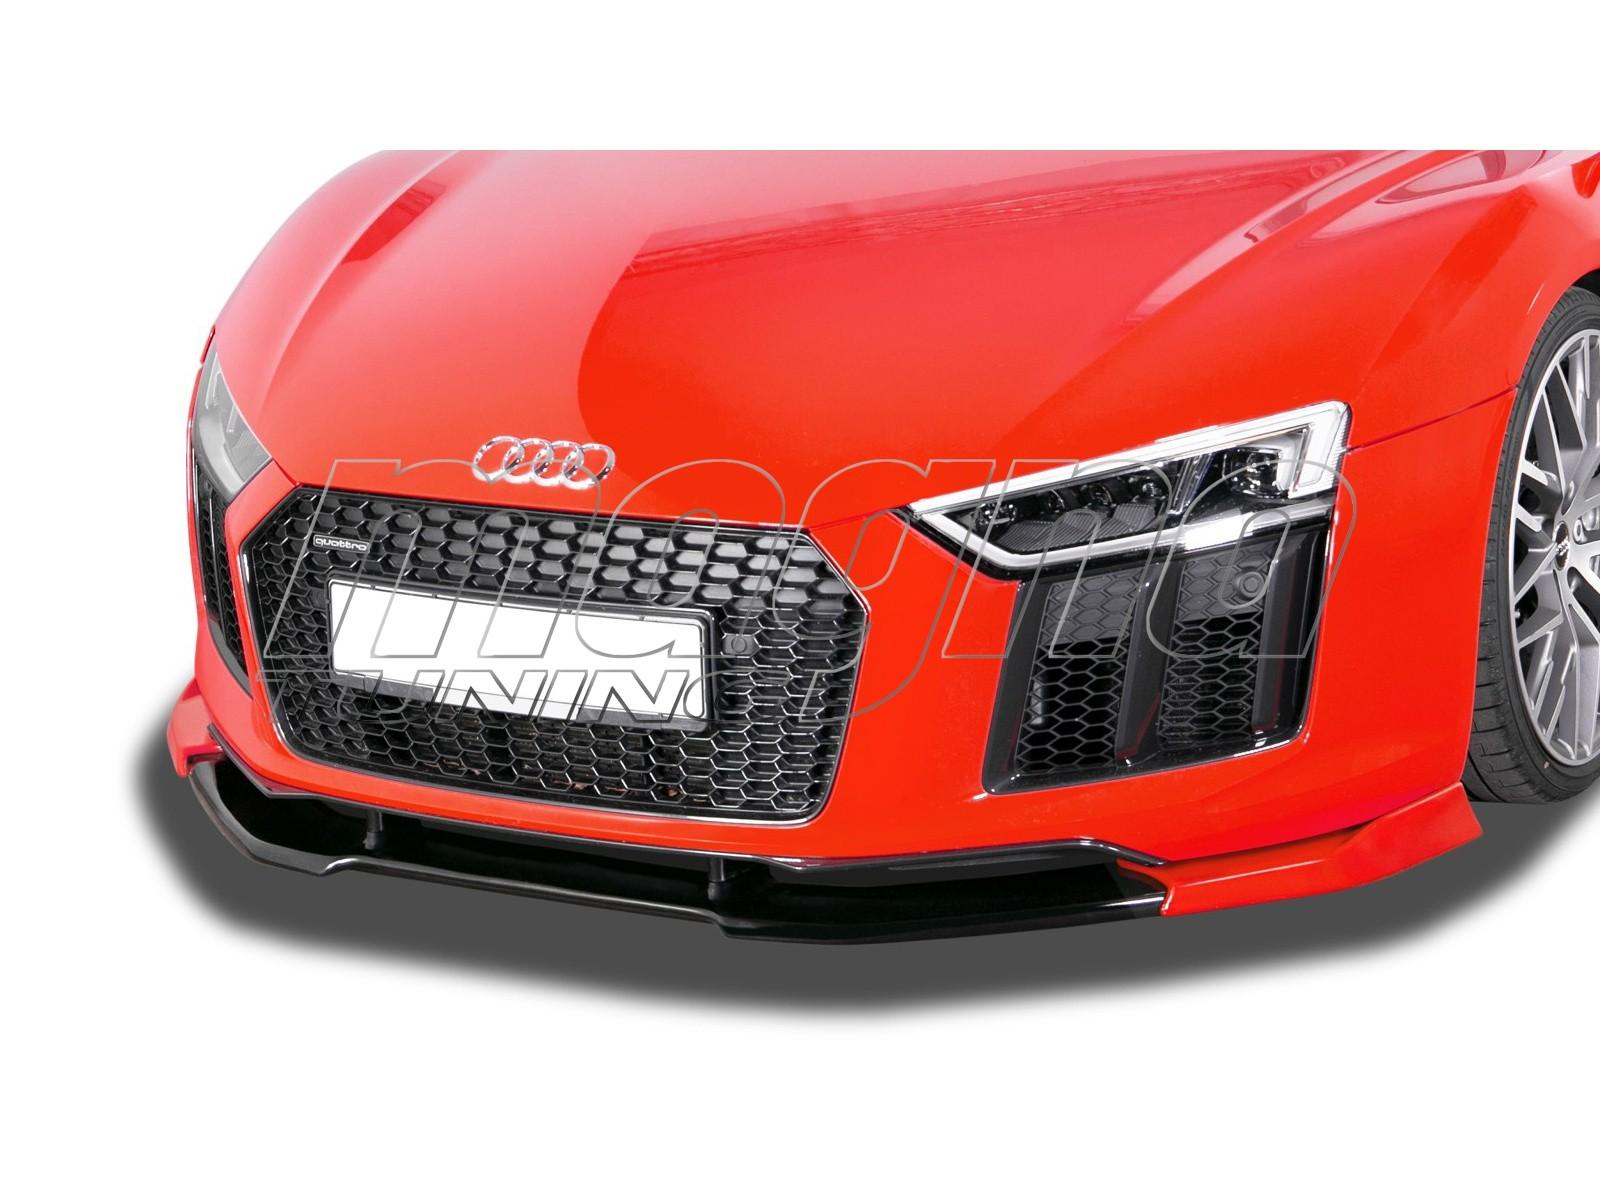 Audi R8 MK2 Extensie Bara Fata Verus-X